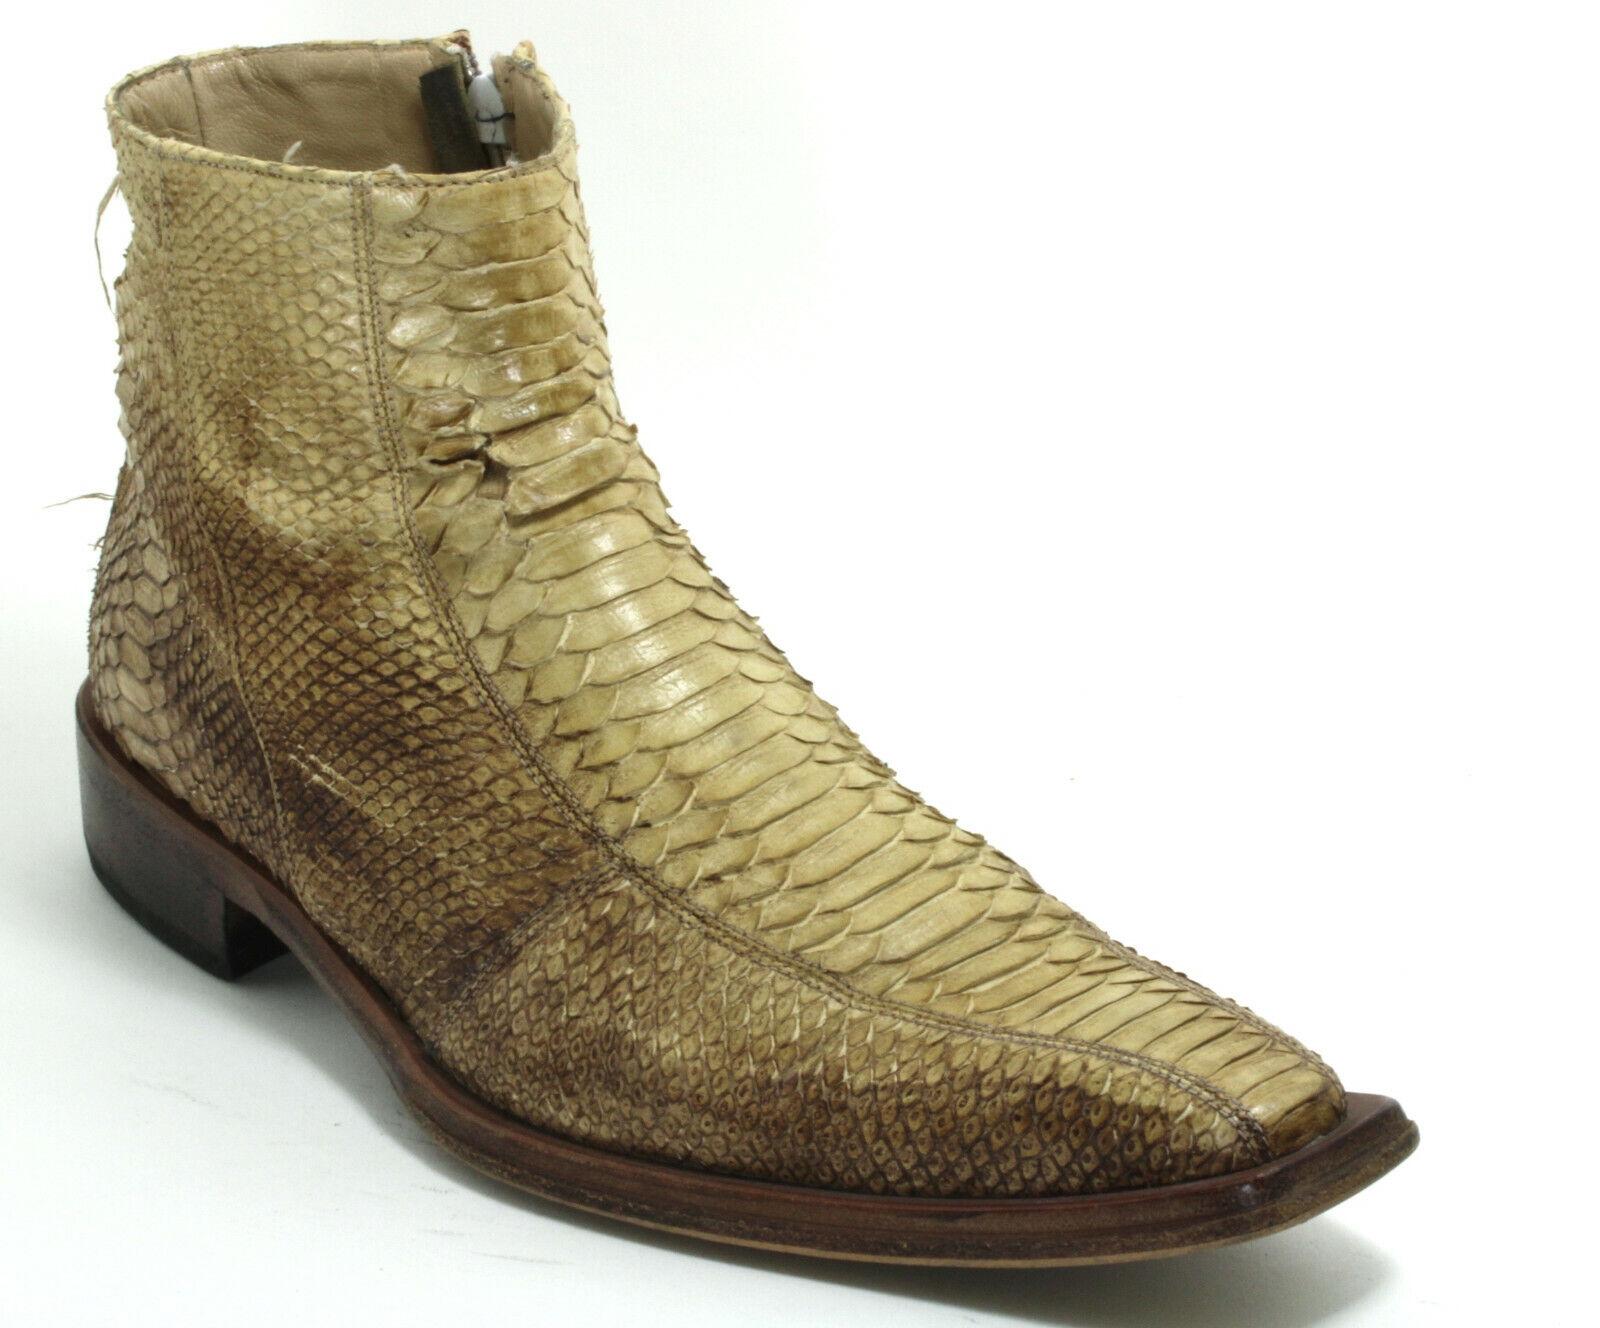 Cowboystiefel Westernstiefel Catalan Style Line Dance Stiefeletten Snake 45